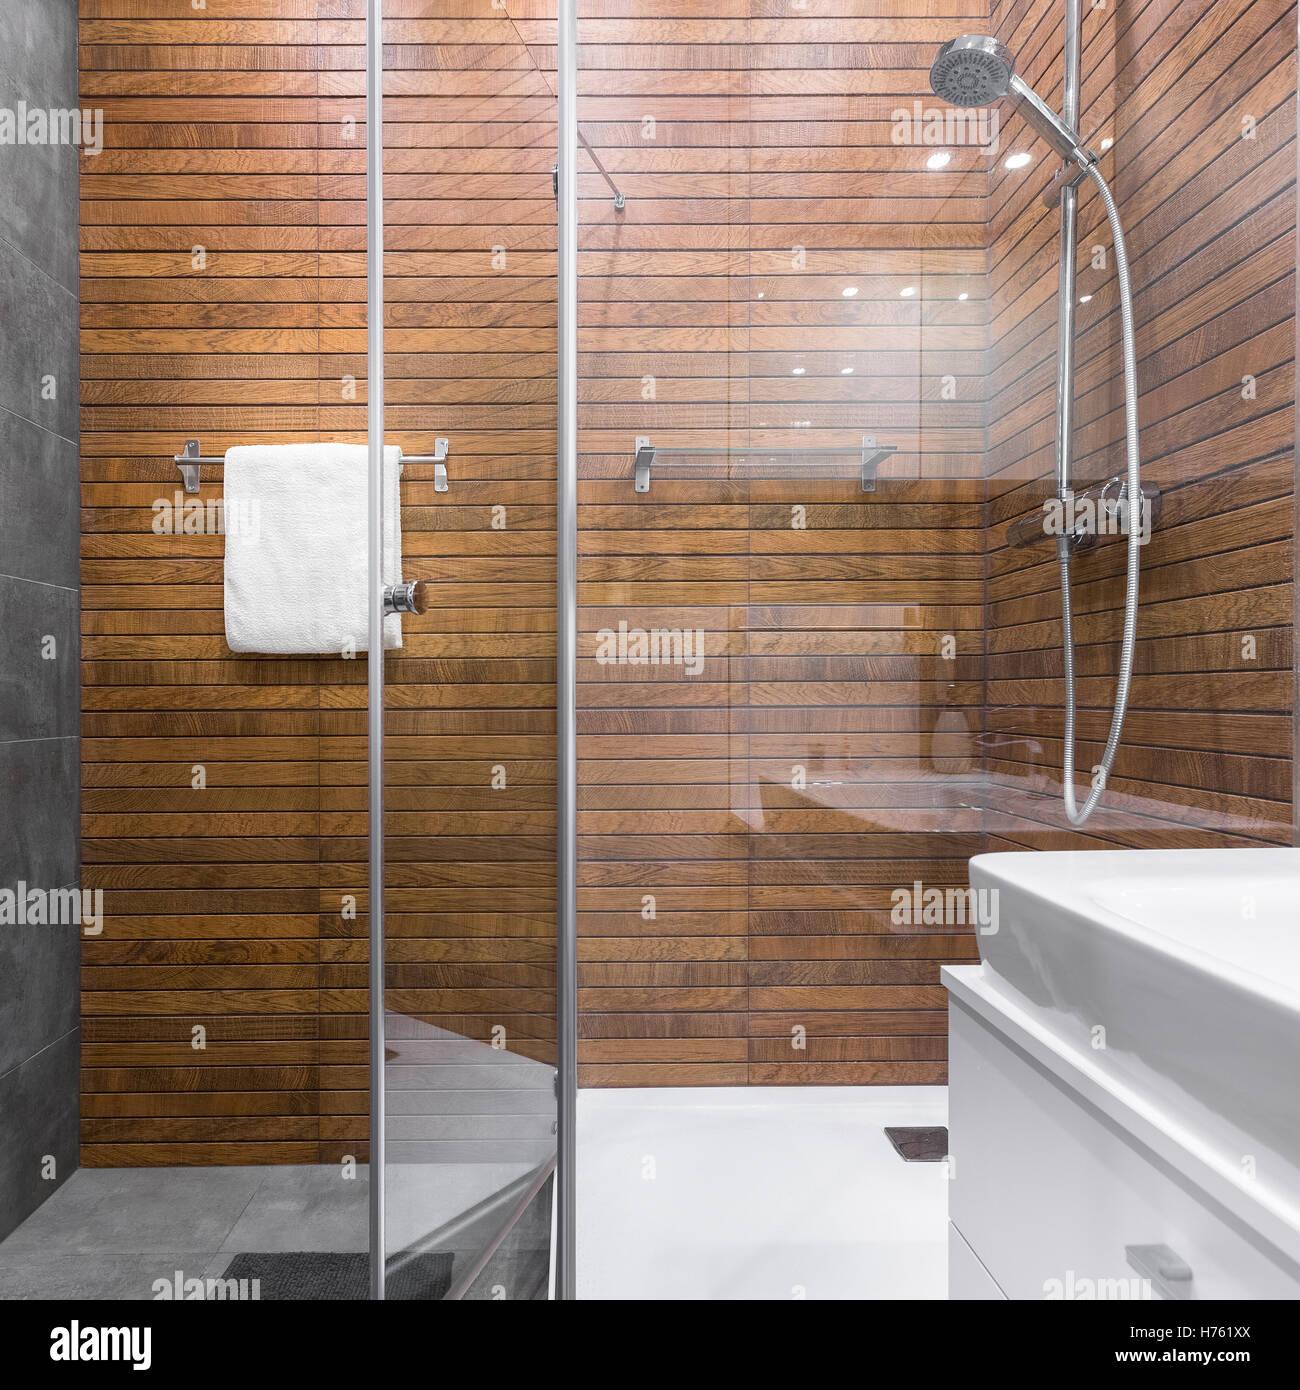 Modernes Bad Mit Begehbarer Dusche Und Hölzerne Effekt Fliesen